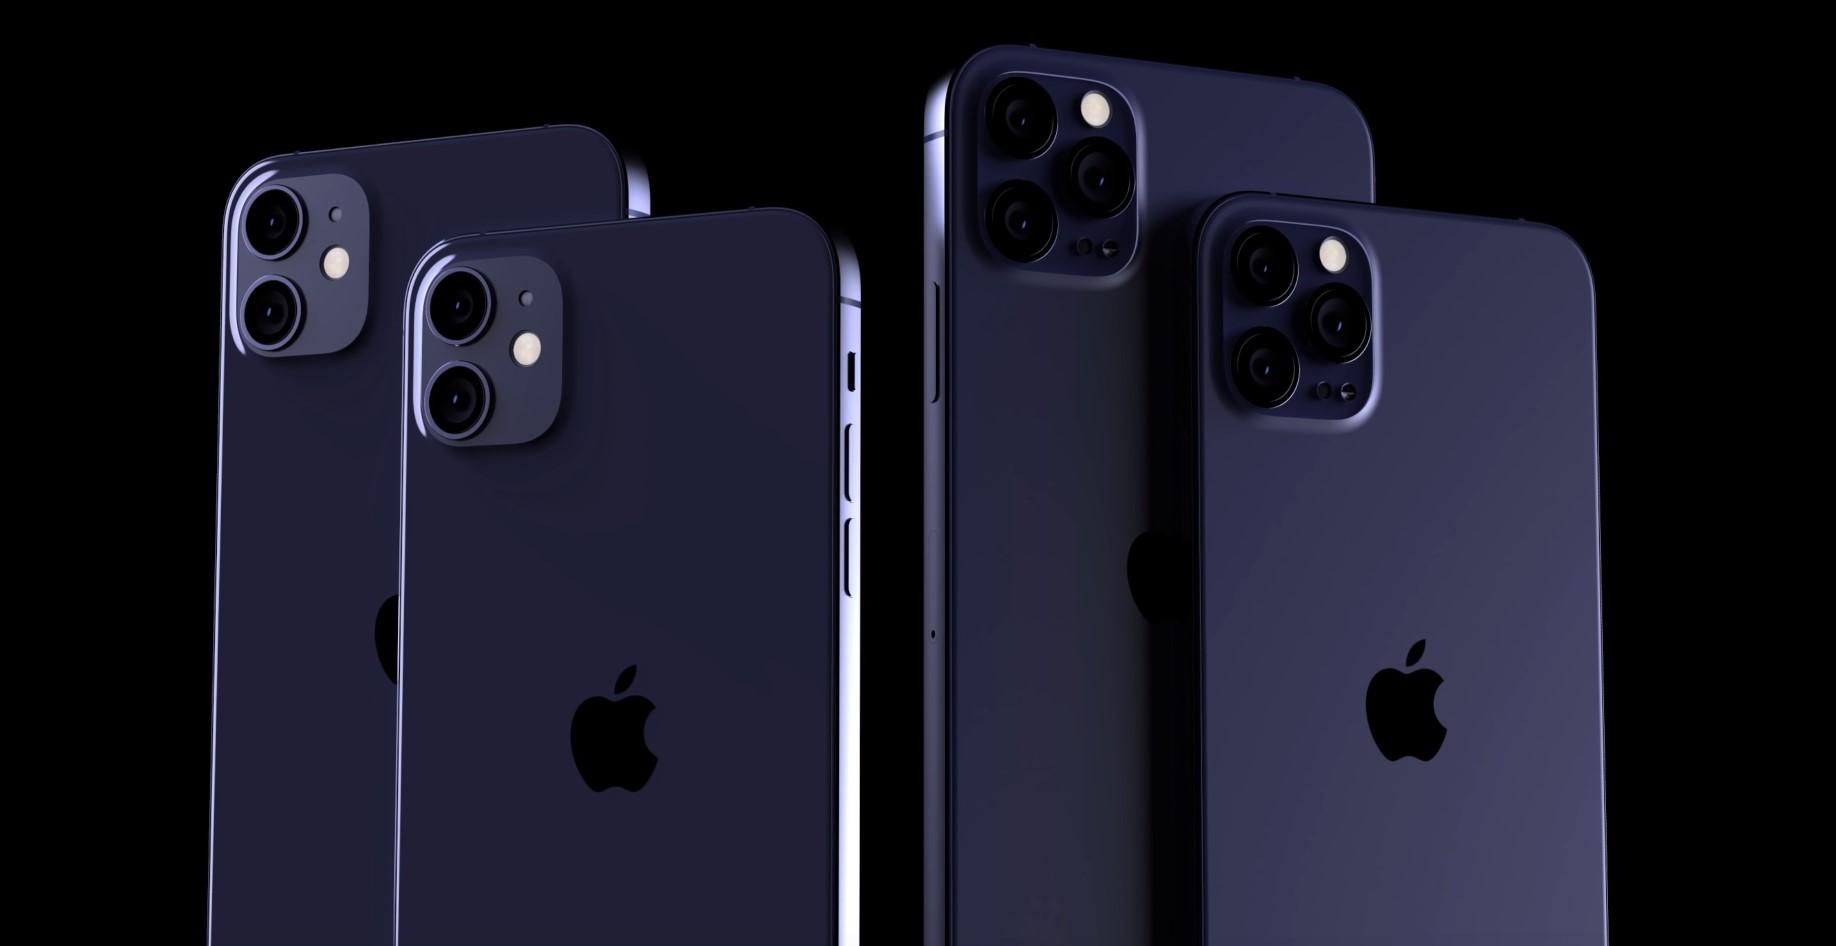 iPhone 12 Mini, iPhone 12, iPhone 12 Pro и iPhone 12 Pro Max — так будут называться новые смартфоны компании Apple